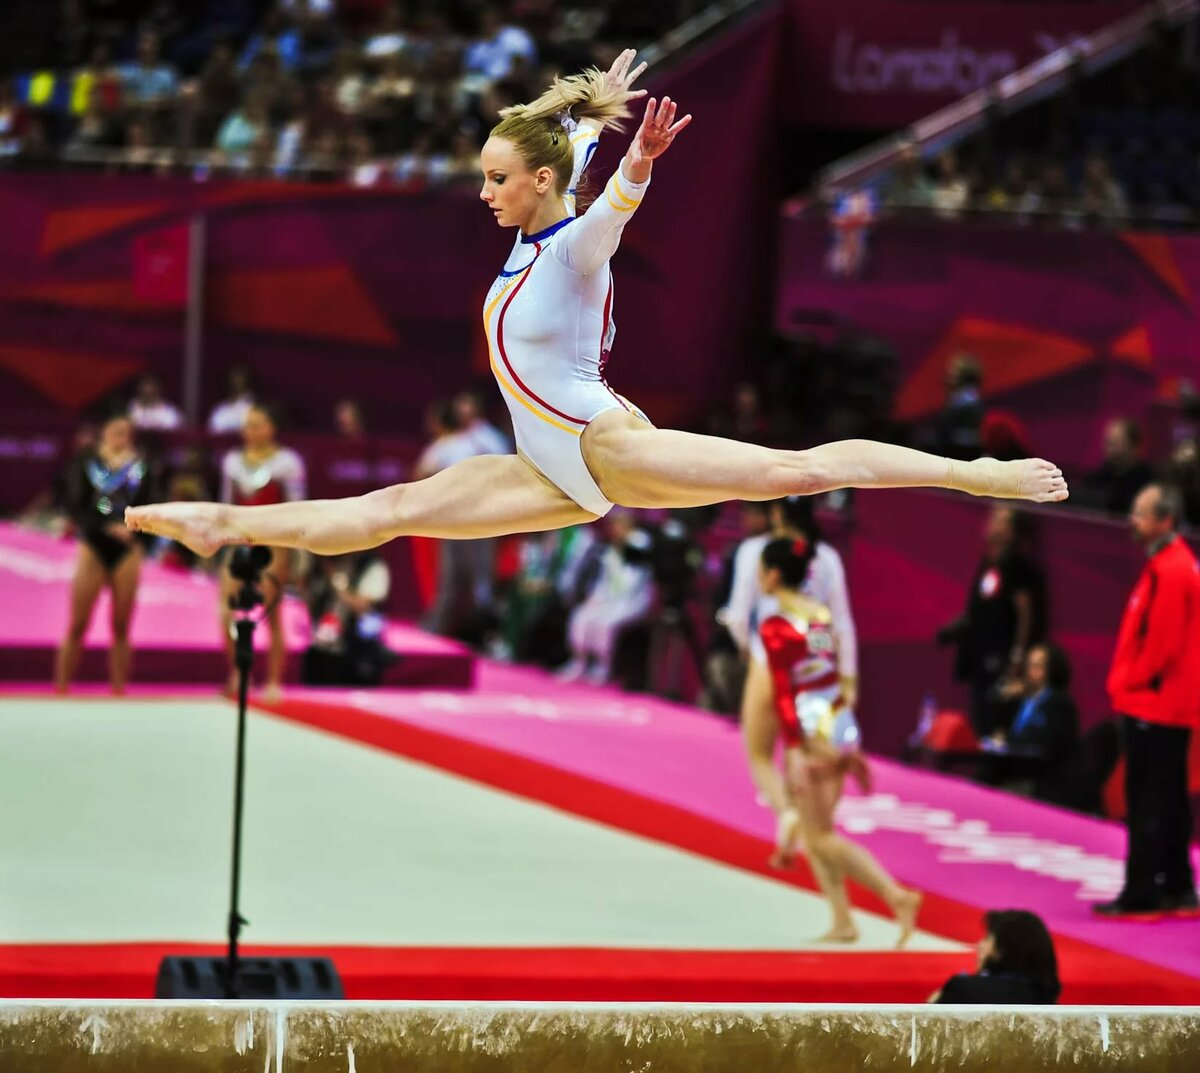 отличие картинки про спорт гимнастика лоб